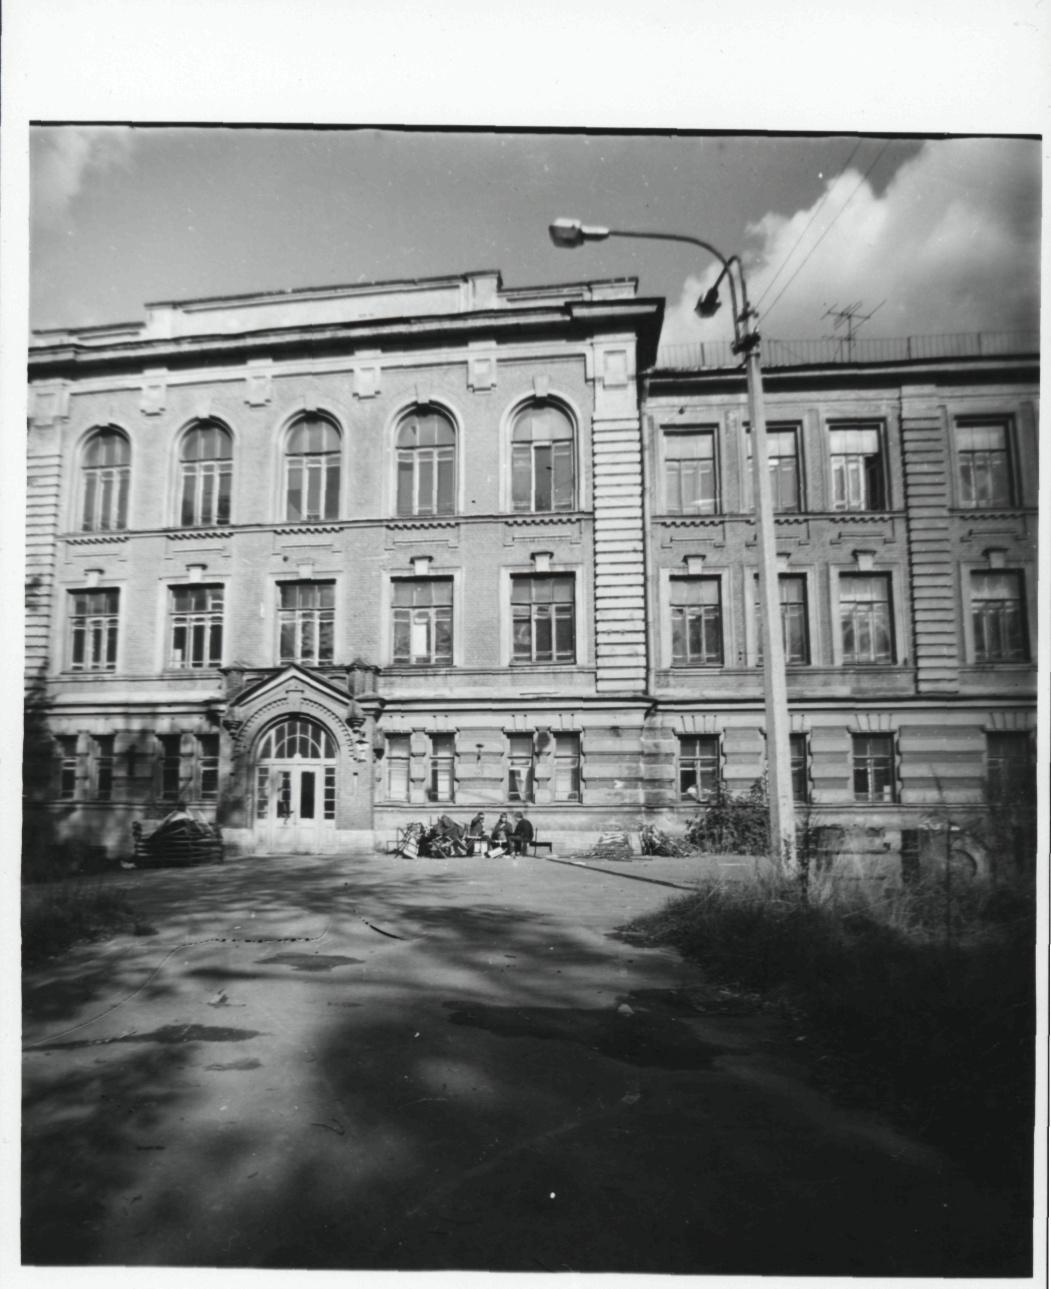 История одной школы фото 638-553